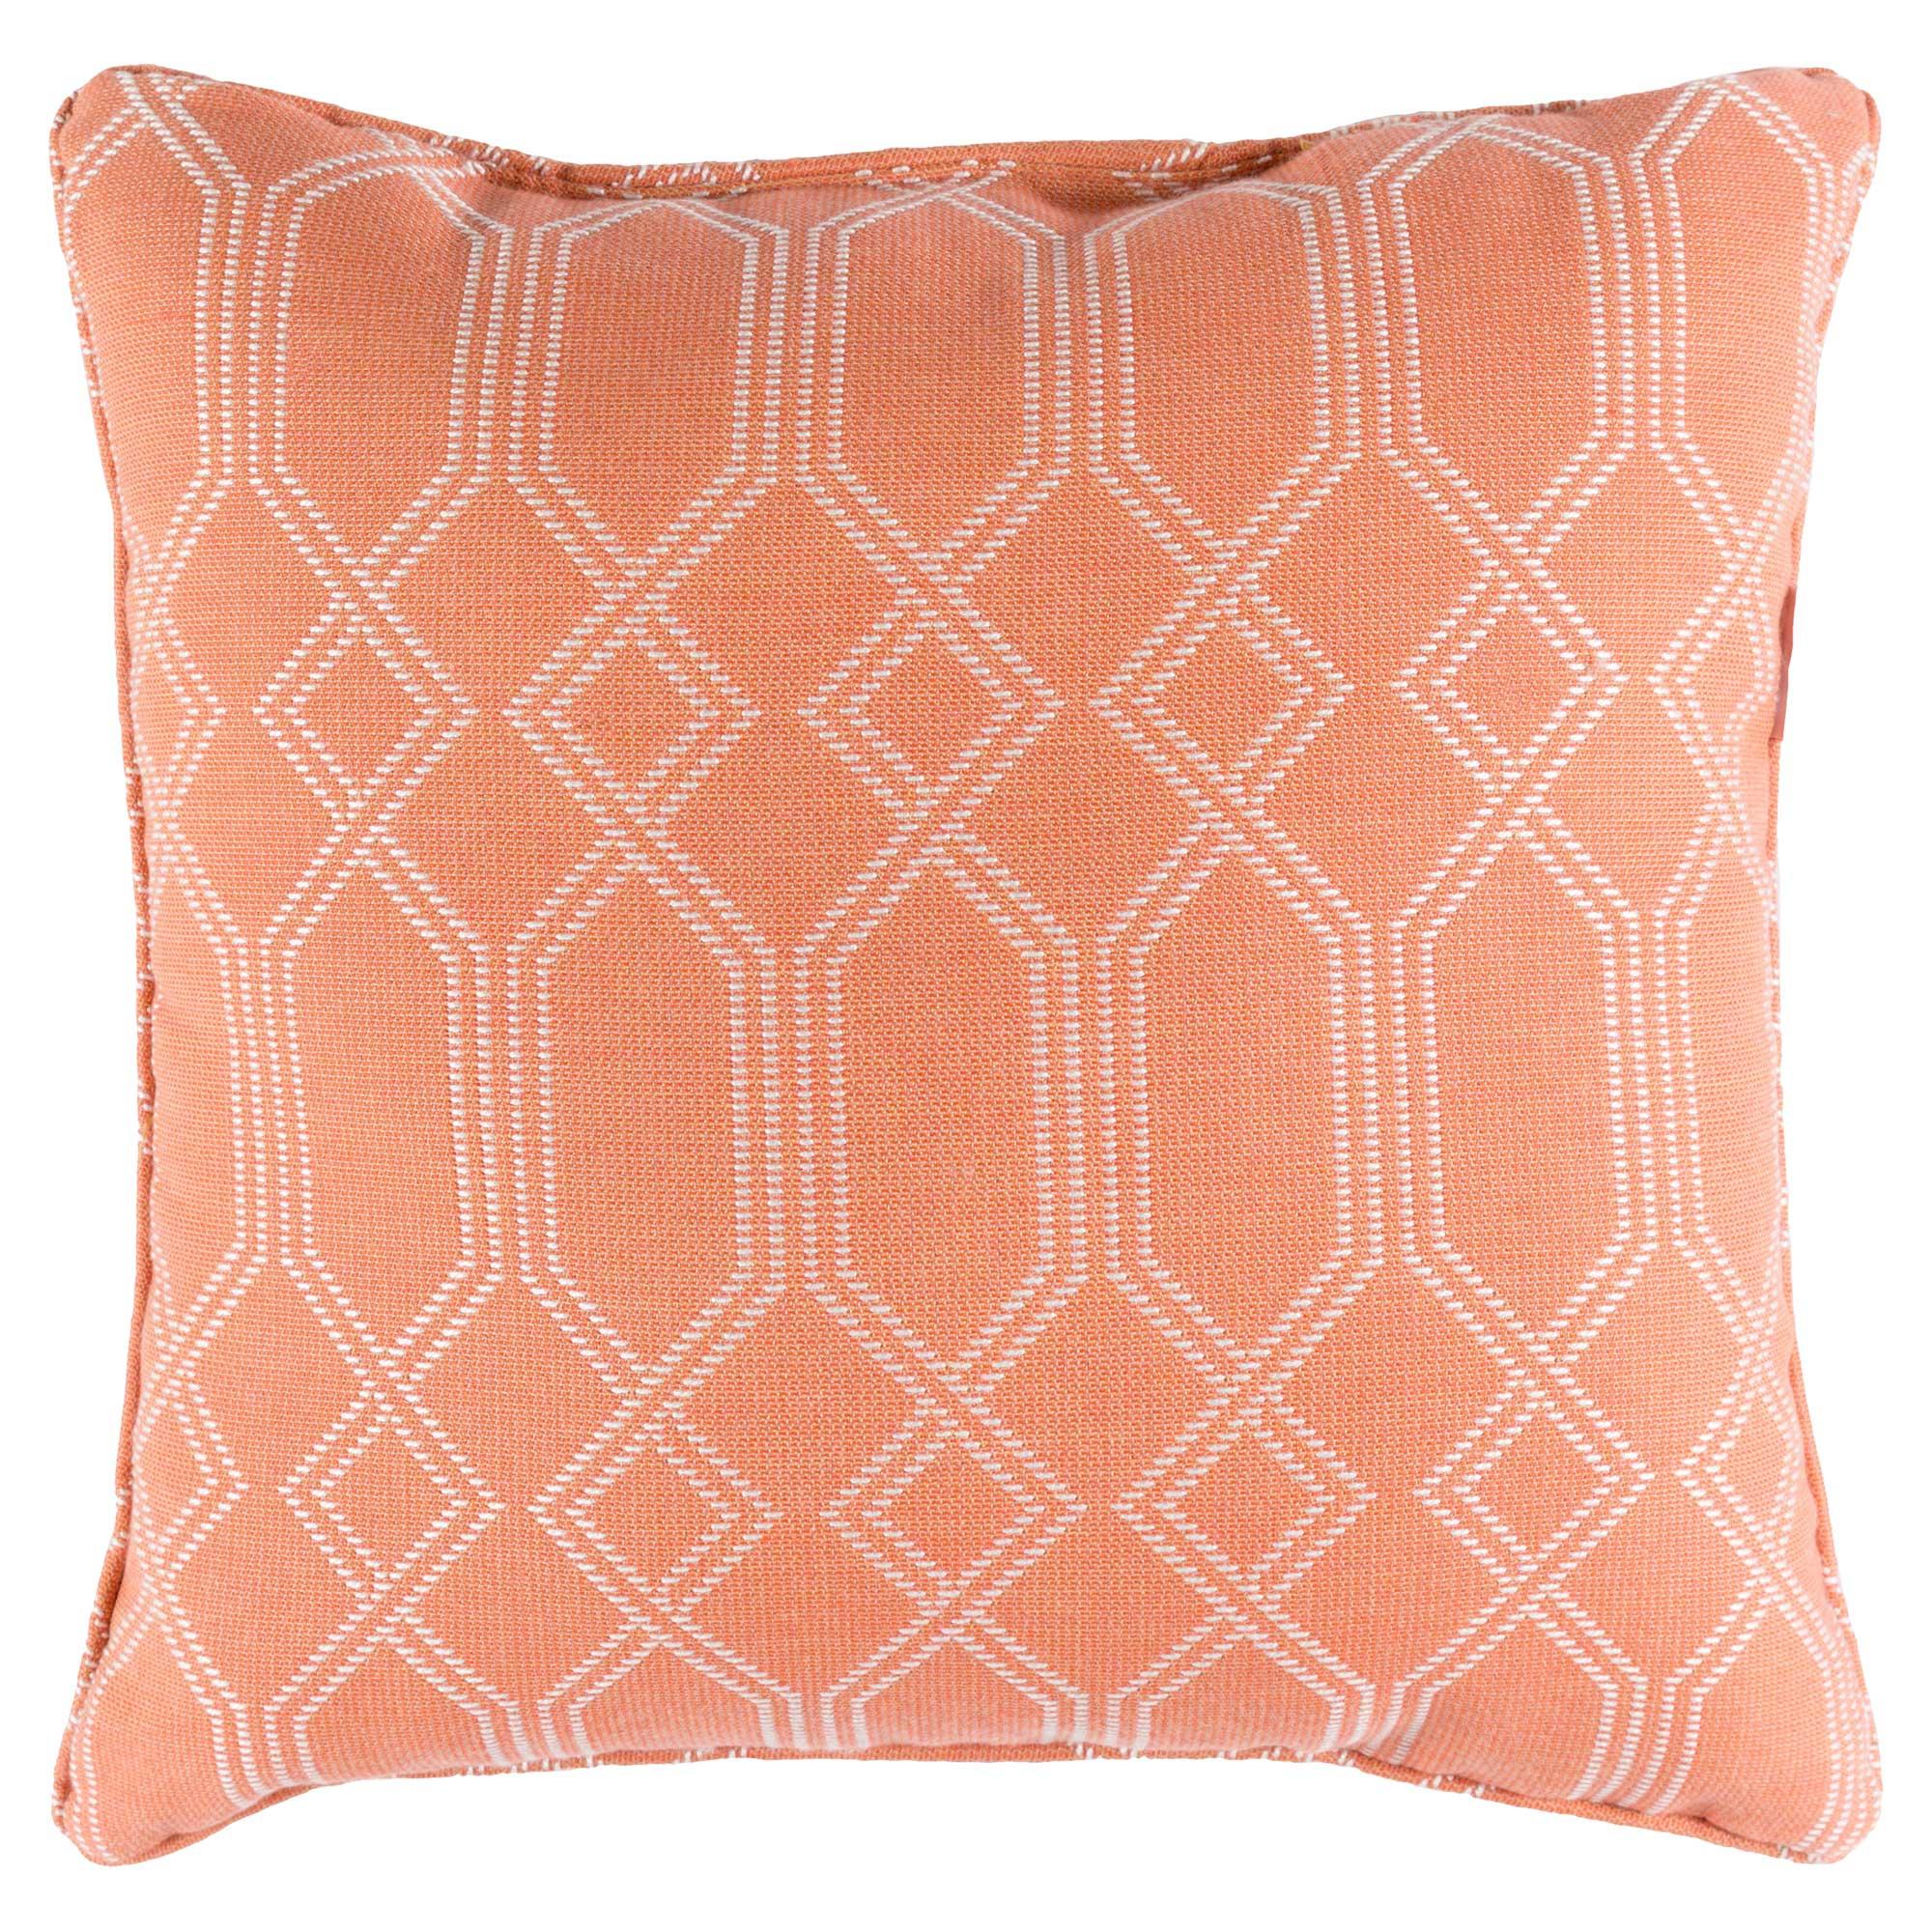 Coastal Beach Coral Trellis Outdoor Pillow - 16x16